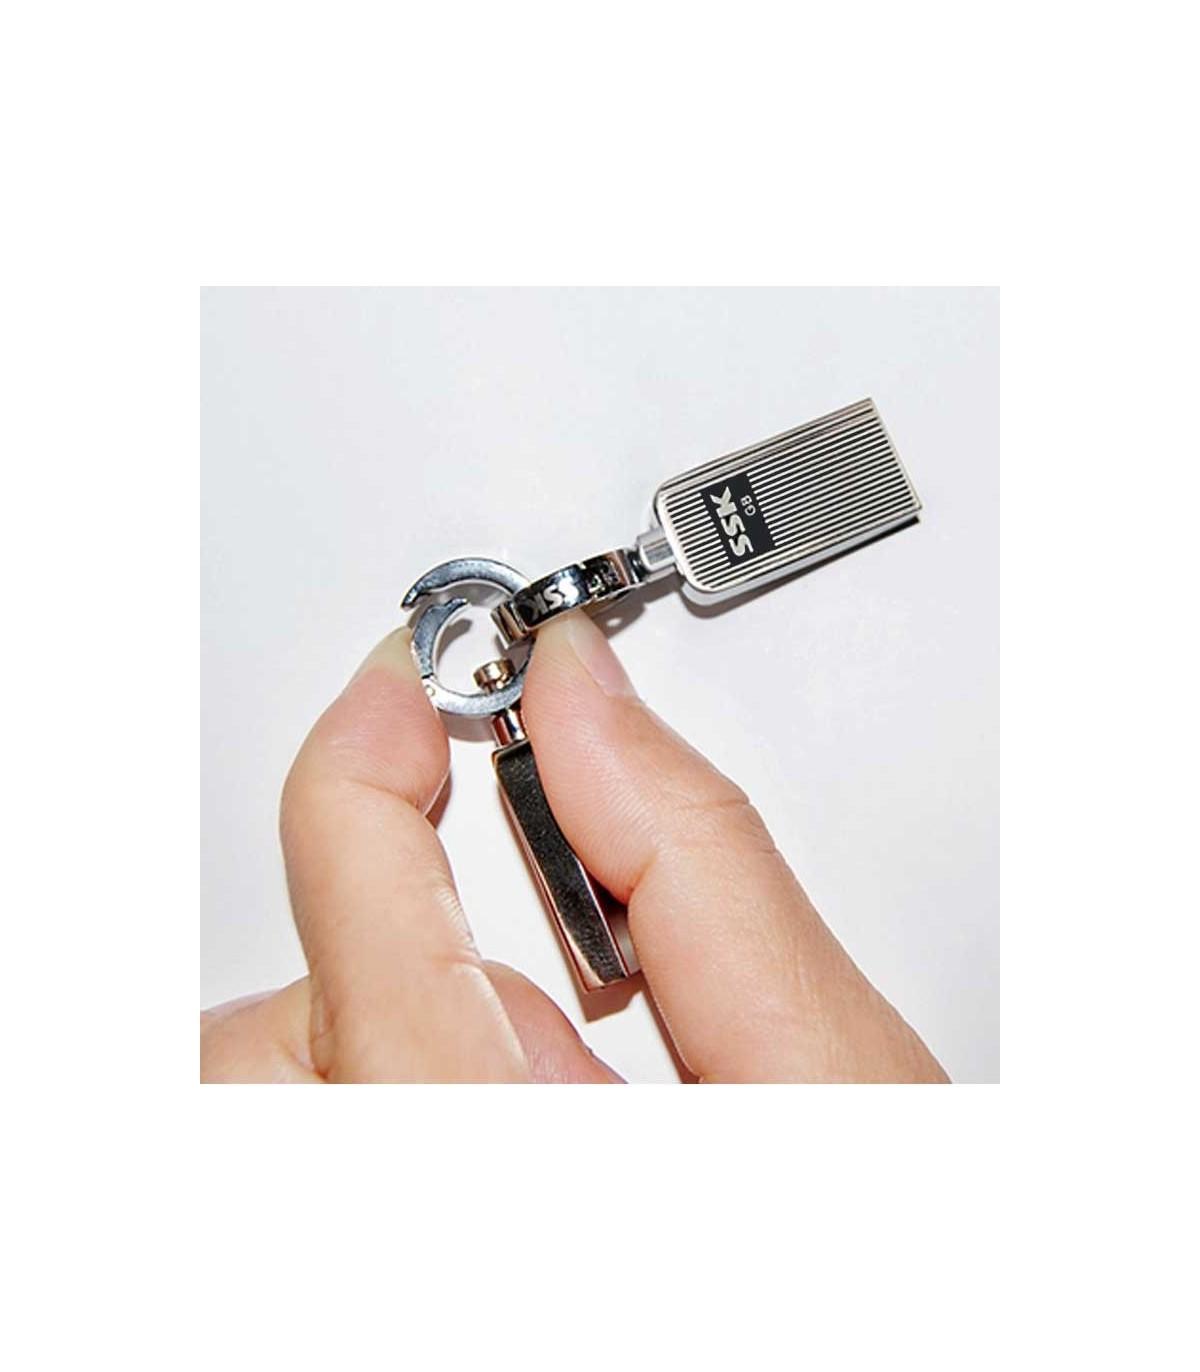 فلش مموری 16 گیگابایت SSK SFD211 - خصوصی